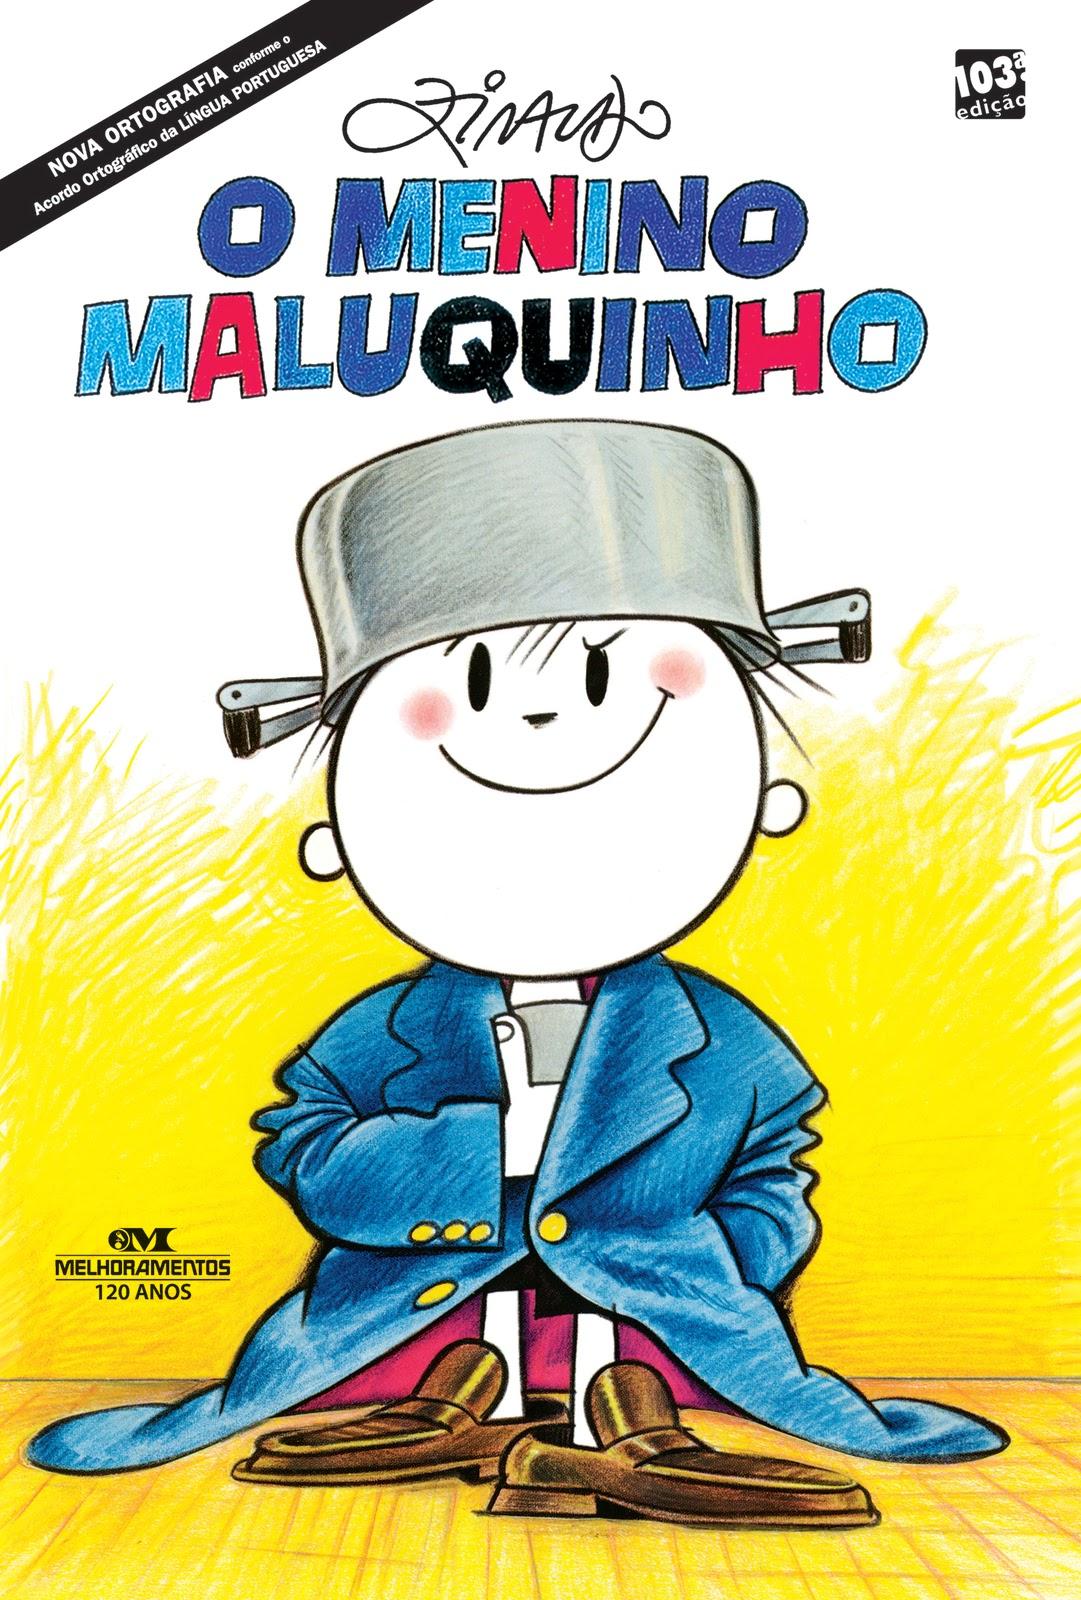 O Menino Maluquinho. Capa da 103ª edição. Imagem: Reprodução.